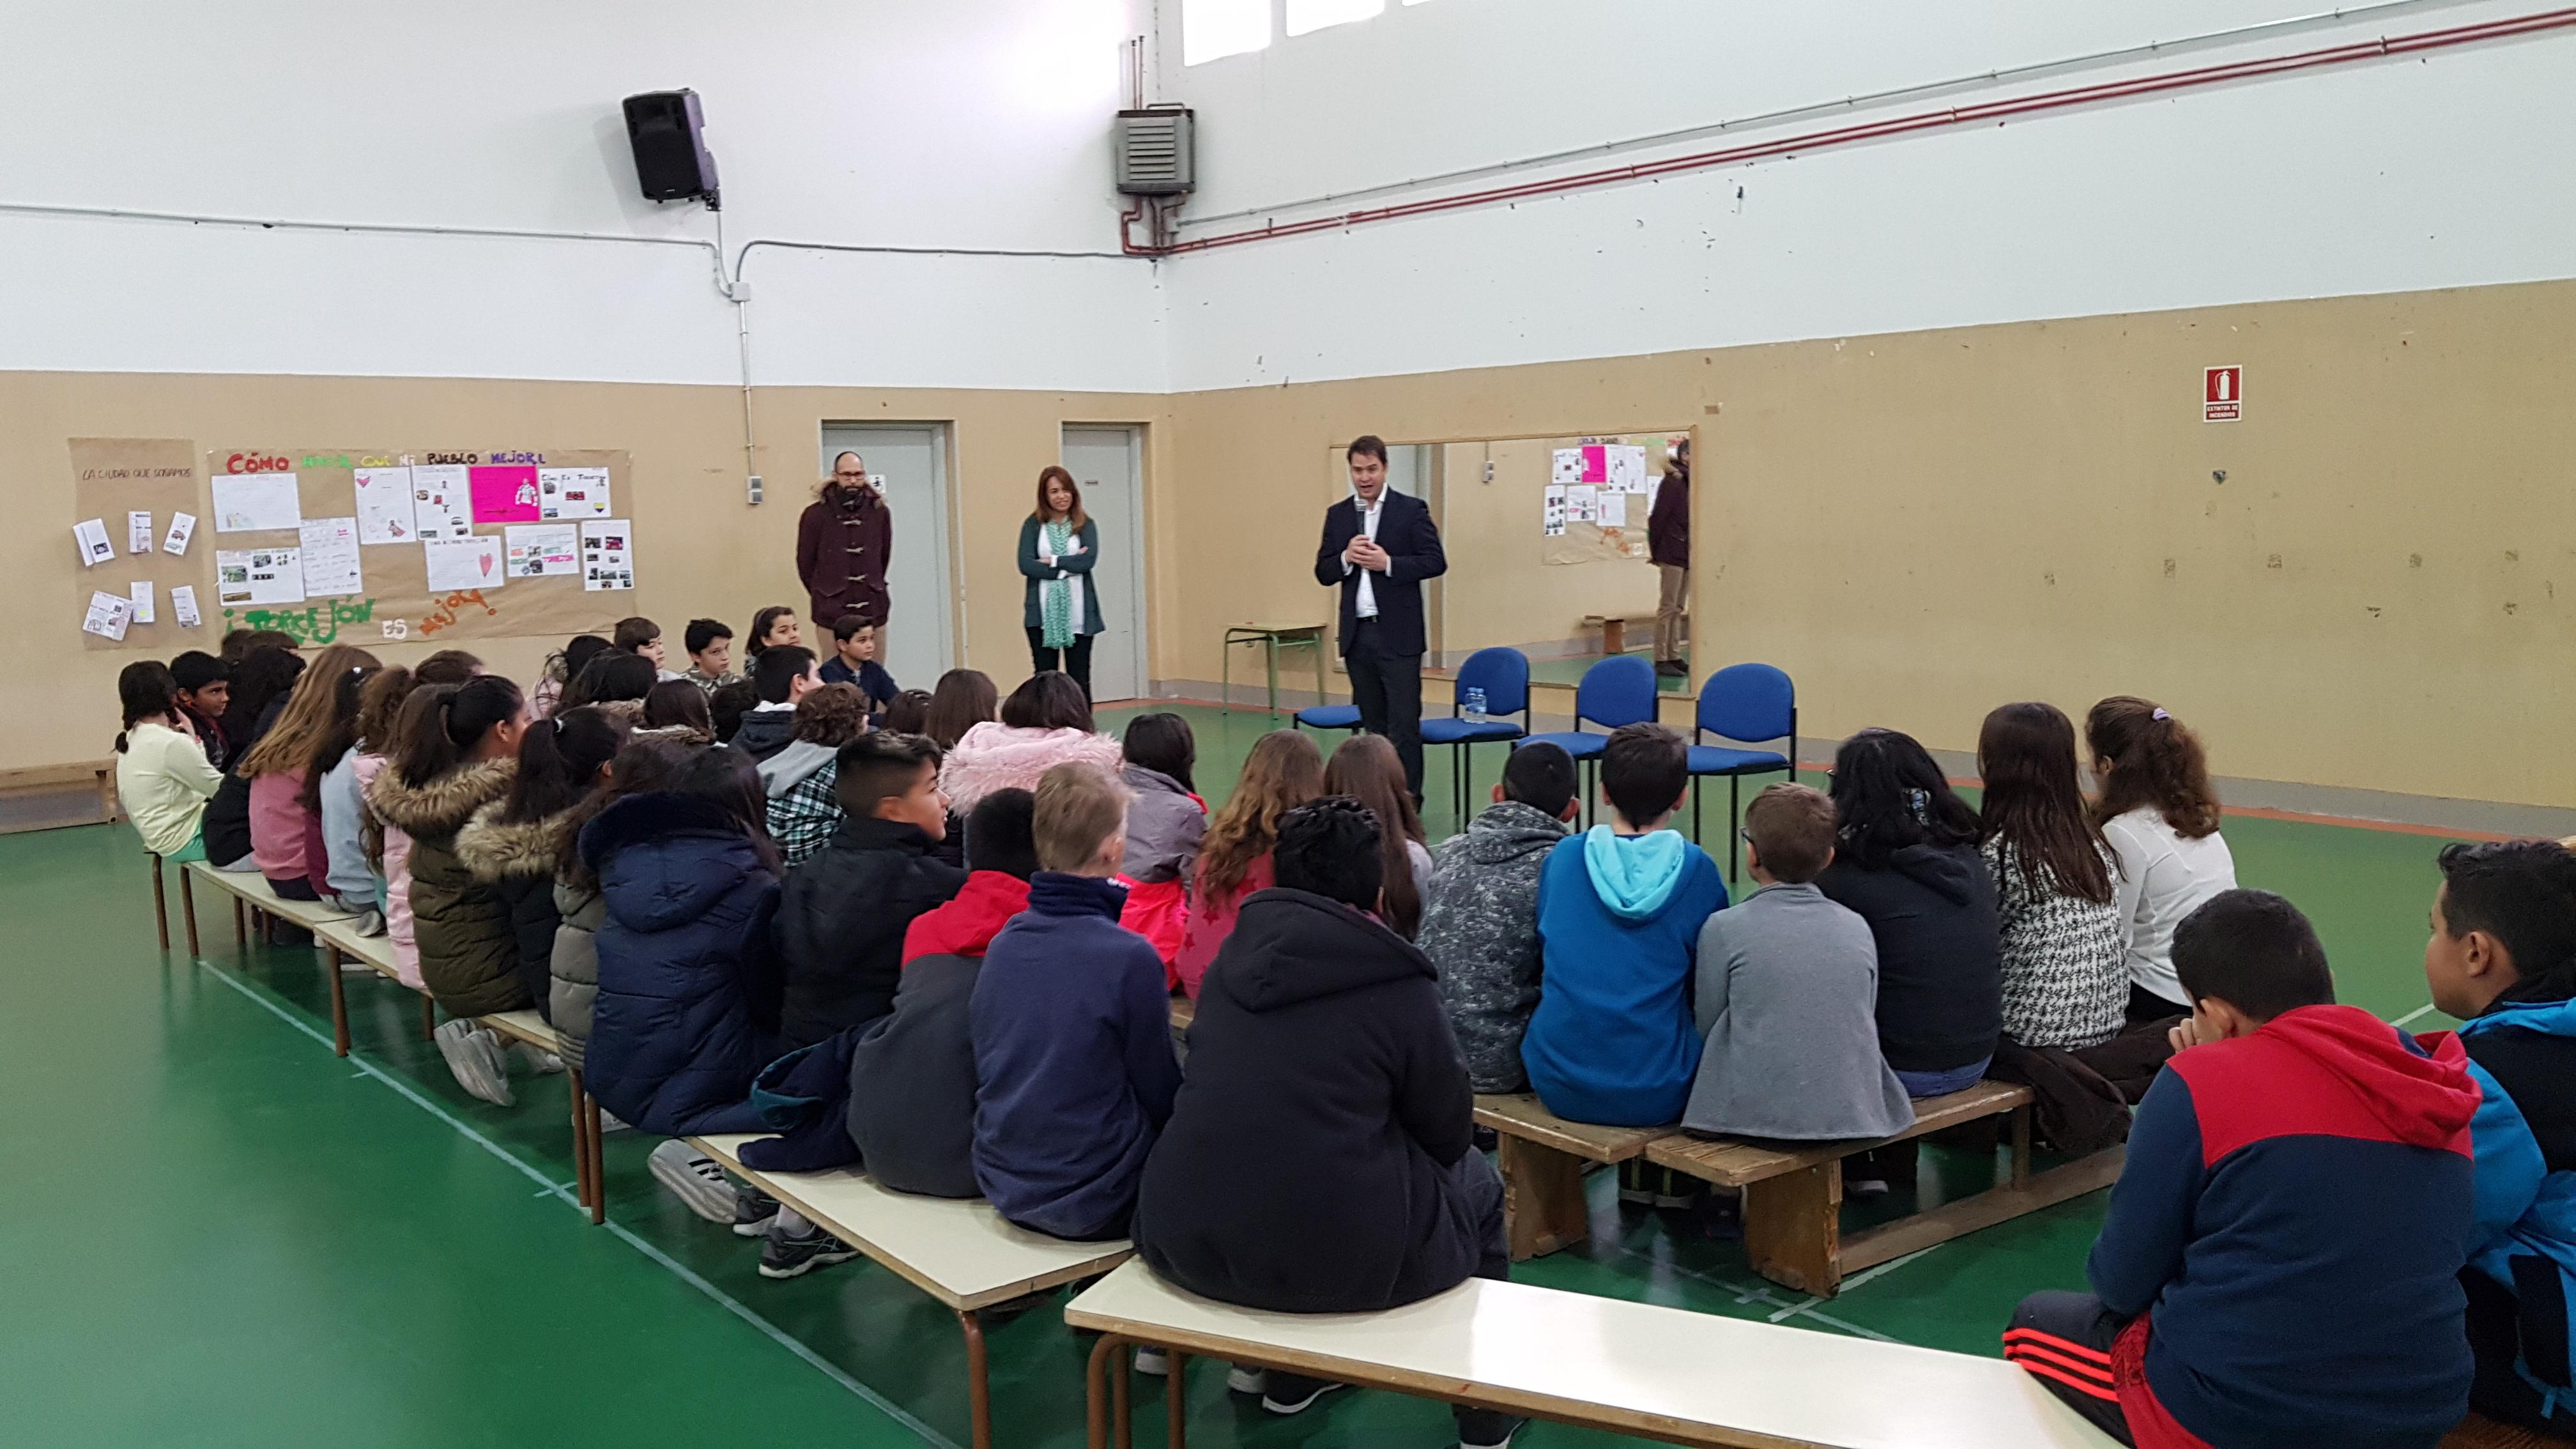 Visita del Alcalde de Torrejón de Ardoz al CEIP Andrés Segovia 6